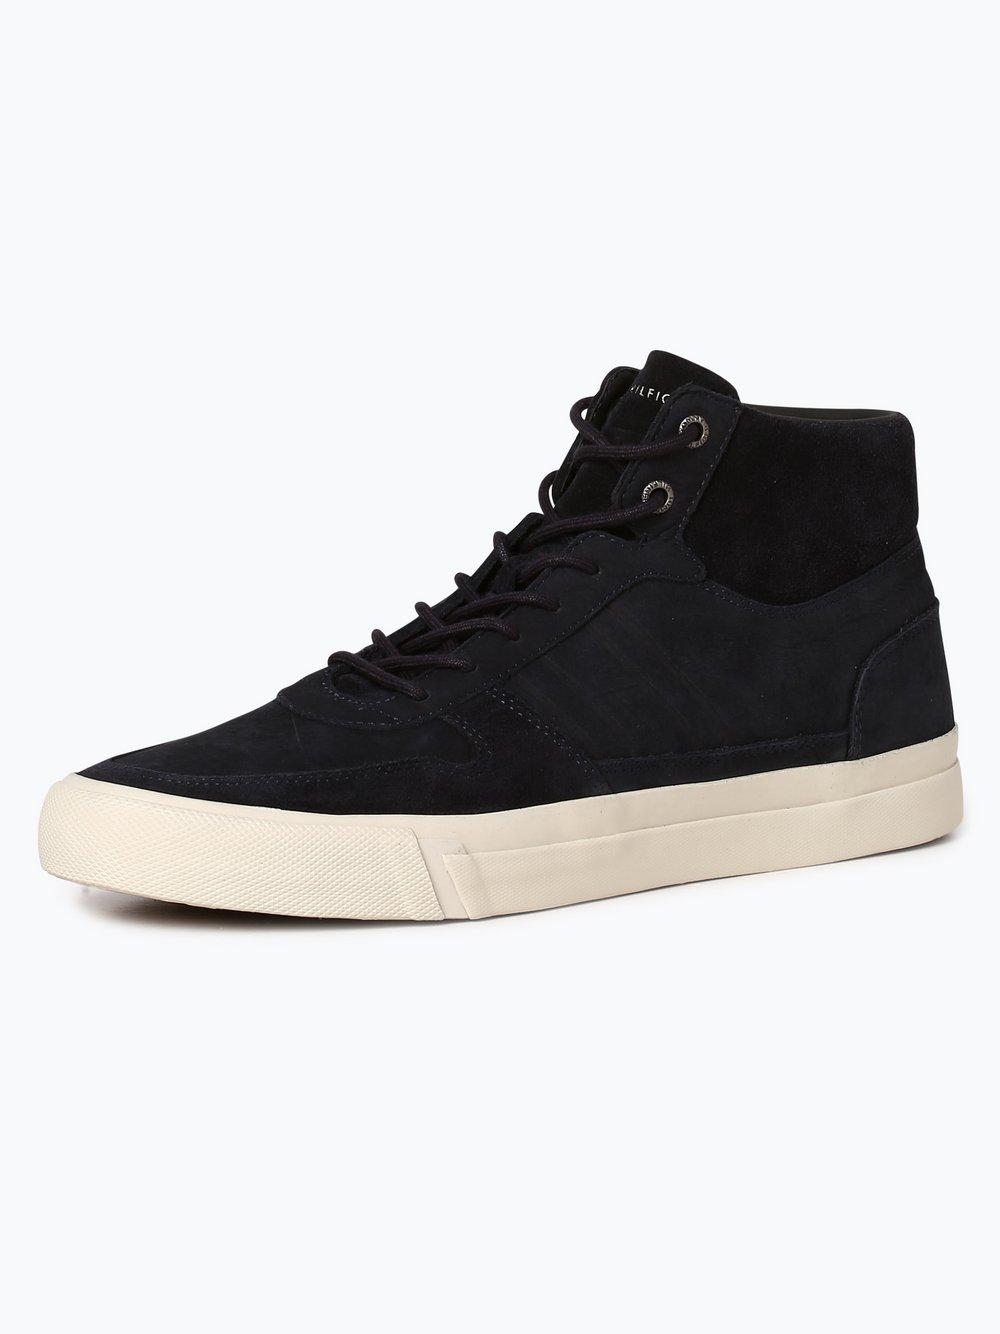 Tommy Hilfiger Herren Sneaker aus Leder - Dino  2  online kaufen ... 3ffae45bbd